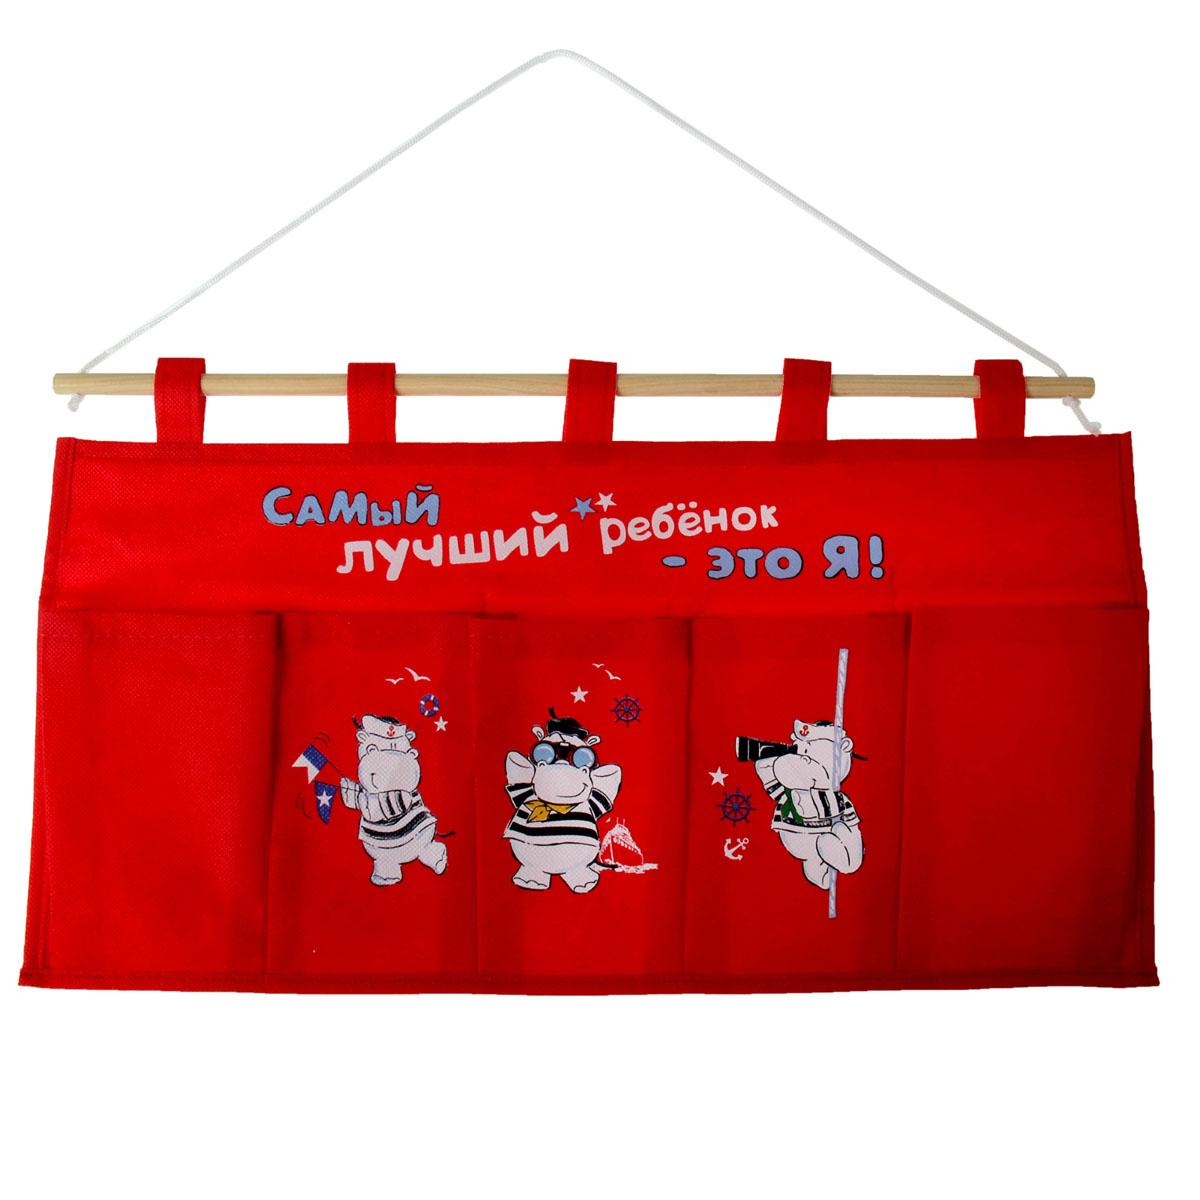 Кармашки на стену Sima-land Самый лучший ребенок, цвет: красный, 5 шт838300Кармашки на стену «Самый лучший ребенок» предназначены для хранения необходимых вещей, множества мелочей в гардеробной, ванной, детской комнатах. Изделие выполнено из текстиля и представляет собой 5 сшитых между собой кармашков на ткани, которые, благодаря 5 петелькам, куда просовывается деревянная палочка на веревке, можно повесить в необходимом для вас и вашего ребенка месте. На кармашках имеются изображения в виде трех забавных бегемотов-матросов и надпись «Самый лучший ребенок - это я!».Этот нужный предмет может стать одновременно и декоративным элементом комнаты. Яркий текстиль, как ничто иное, способен оживить интерьер вашего жилища и сделает каждый день ярче и радостнее.